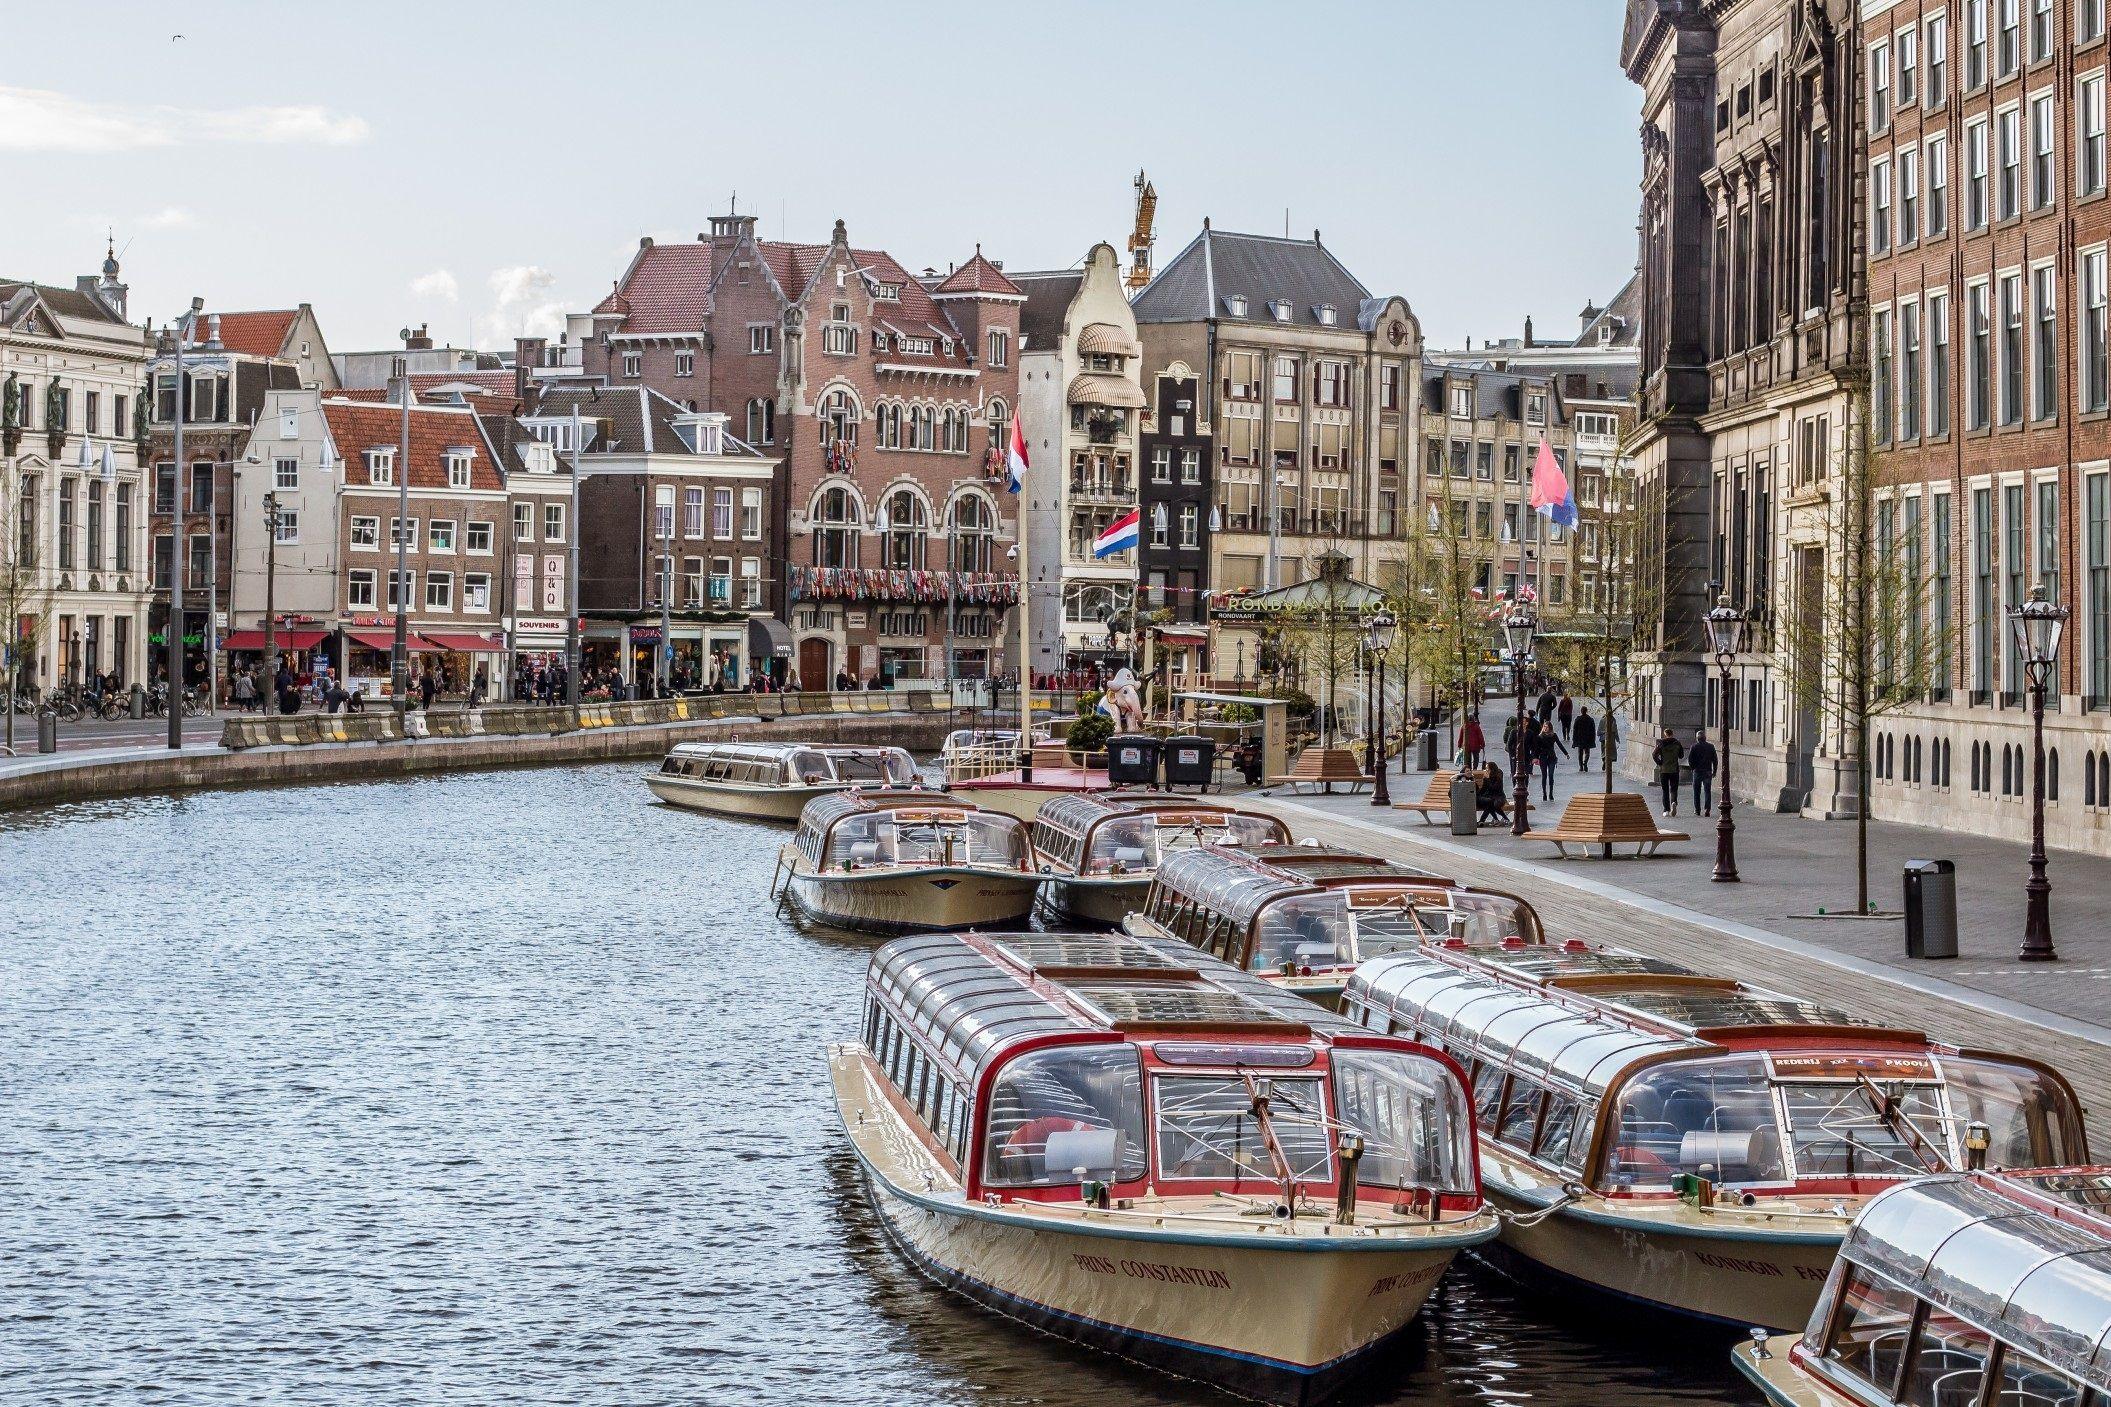 В  Нидерландах объявлены новые ставки взносов на социальное страхование на 2020 год